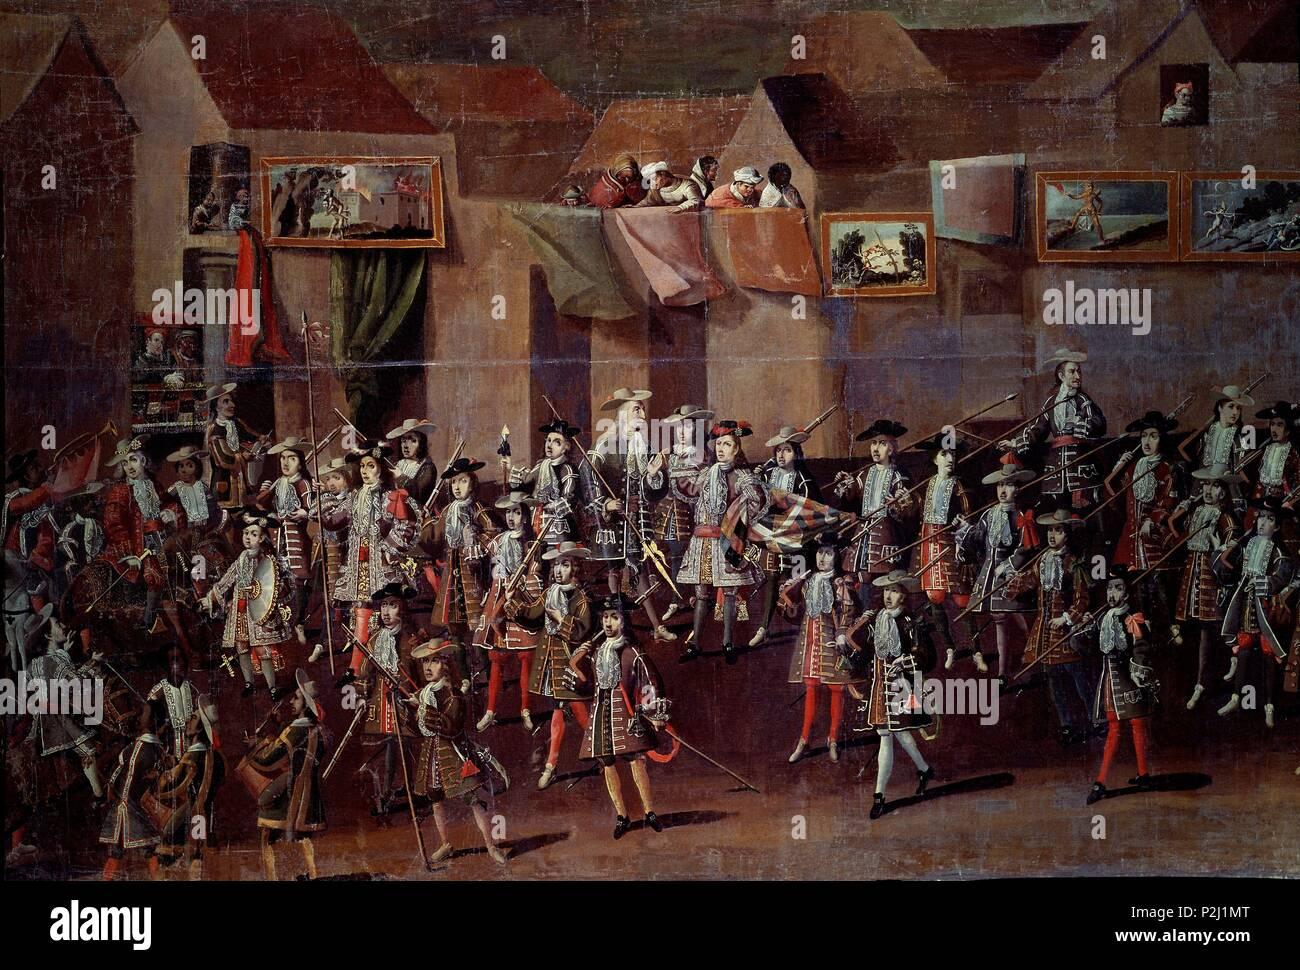 ENTRADA DEL PRIMER VIRREY DEL PERU EN POTOSI-DET IZDA DESFILE SOLDADOS ESPAÑOLES- 25/41716- CONJ Nº 4716. Author: Melchor Pérez de Holguín (1660-1732). Location: MUSEO DE AMERICA-COLECCION, MADRID, SPAIN. - Stock Image